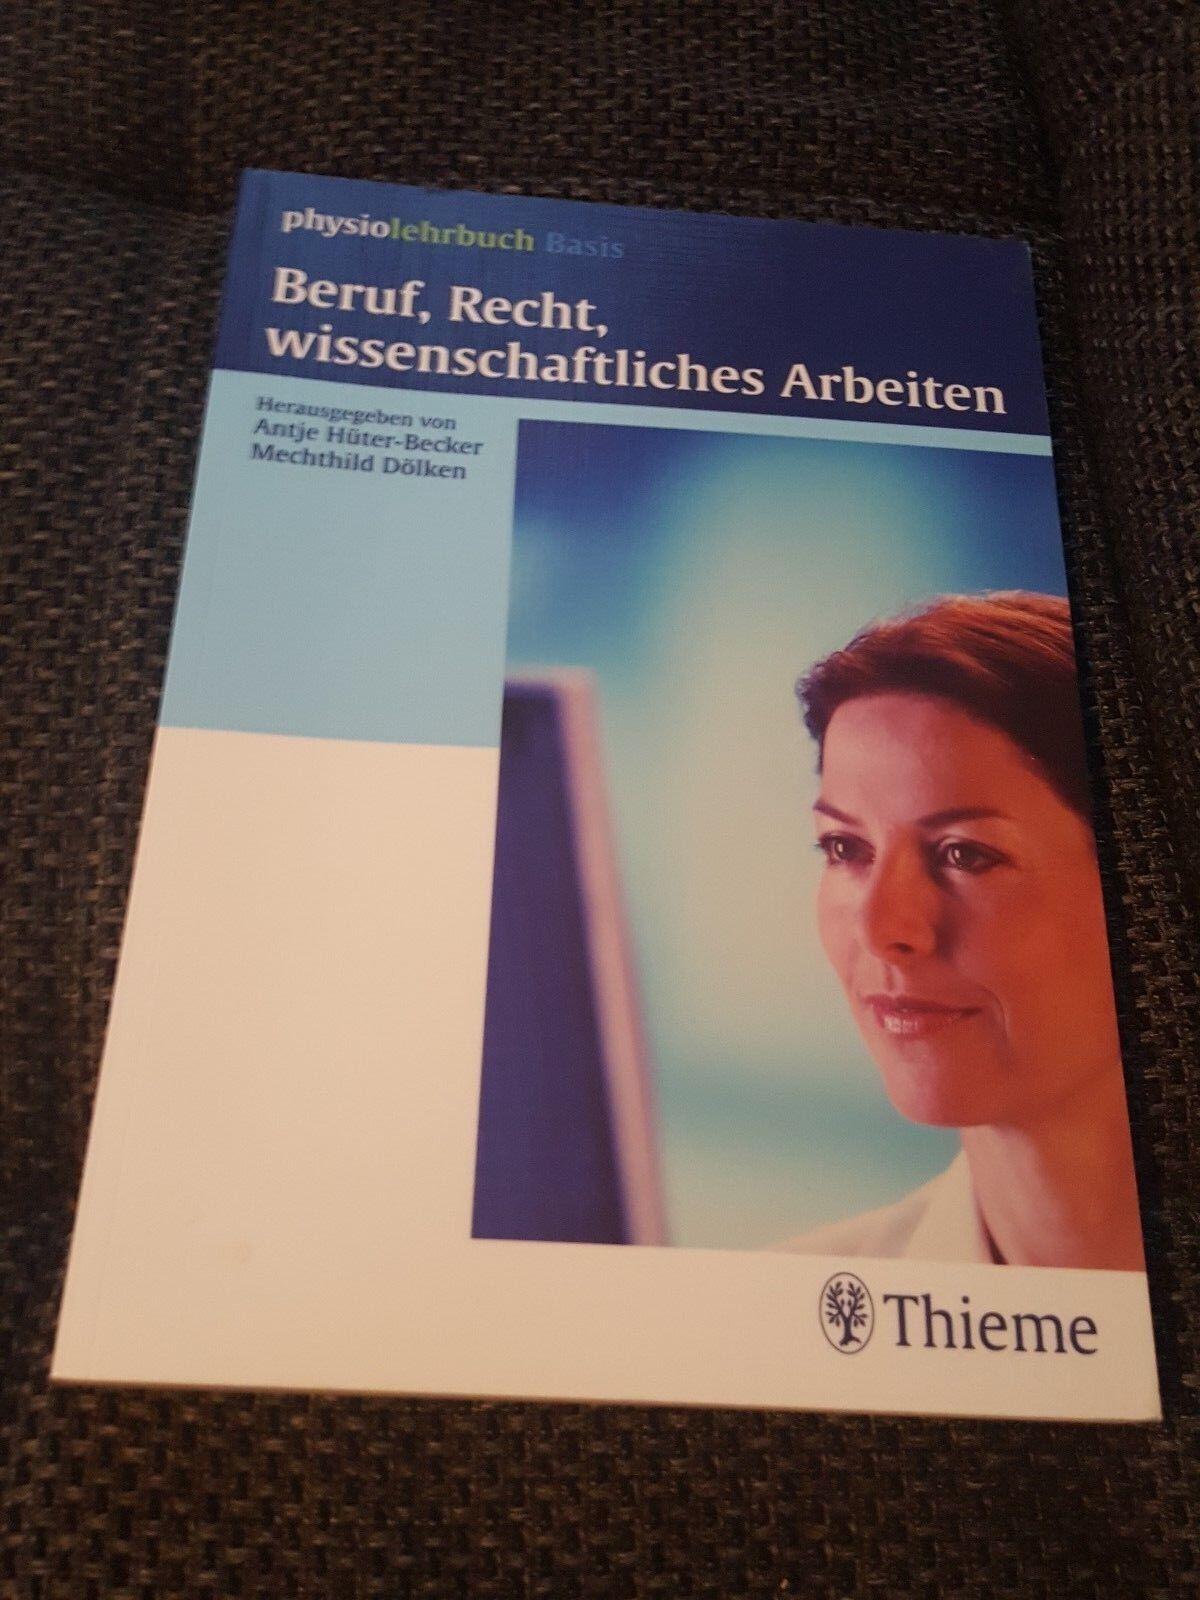 Beruf, Recht wissenschaftliches Arbeiten Hüter-Becker Thieme